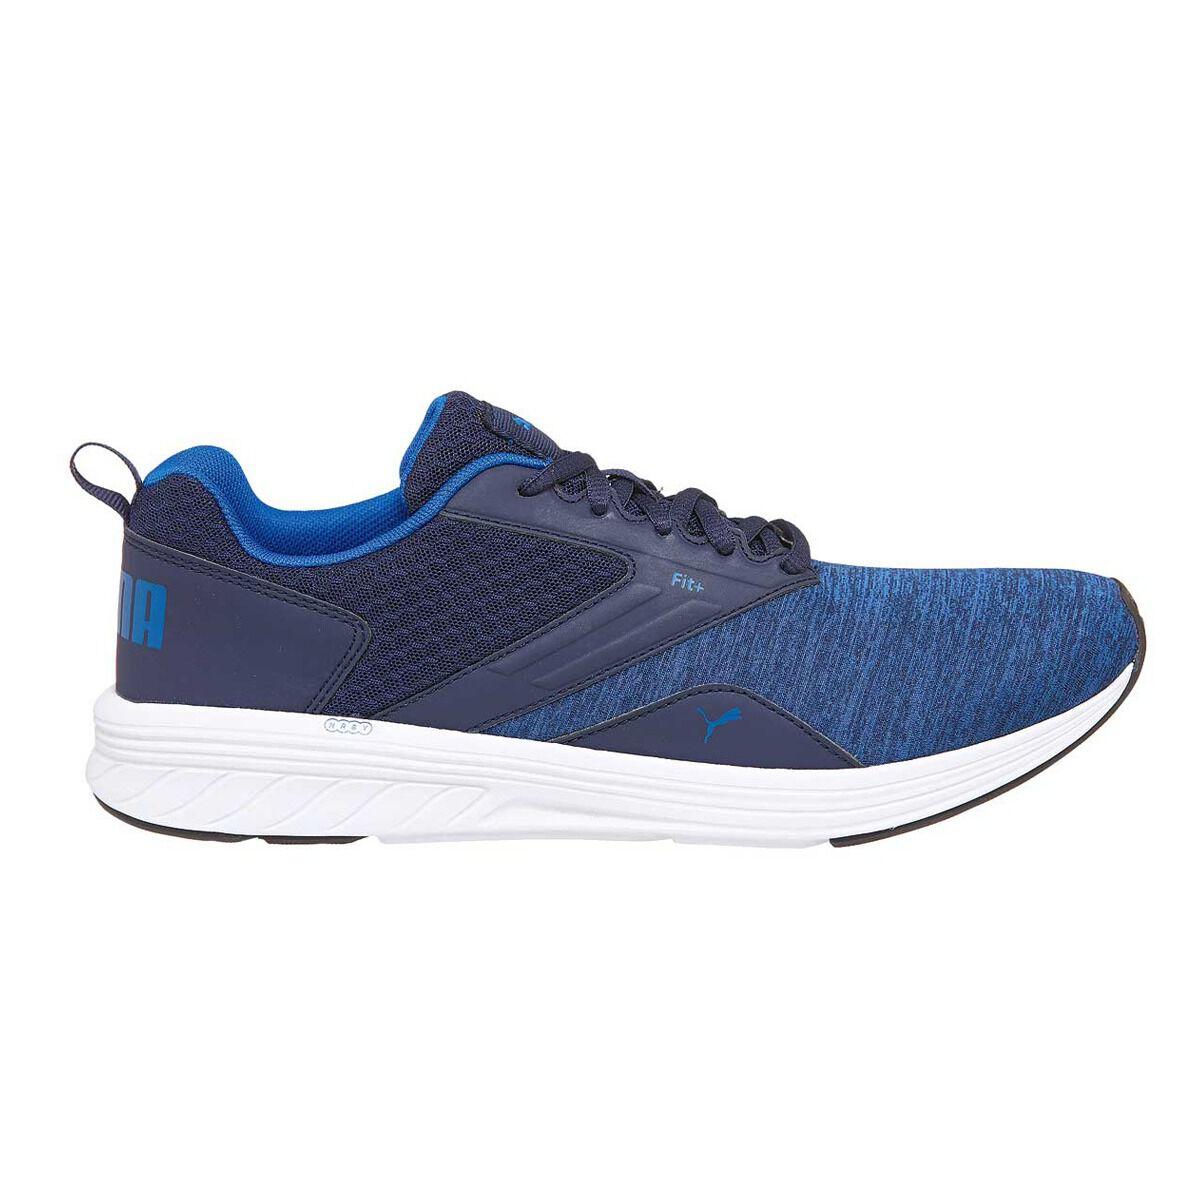 Pronation Shoes Running For Puma 1b107 Ebay A11d2 f6bgyY7v